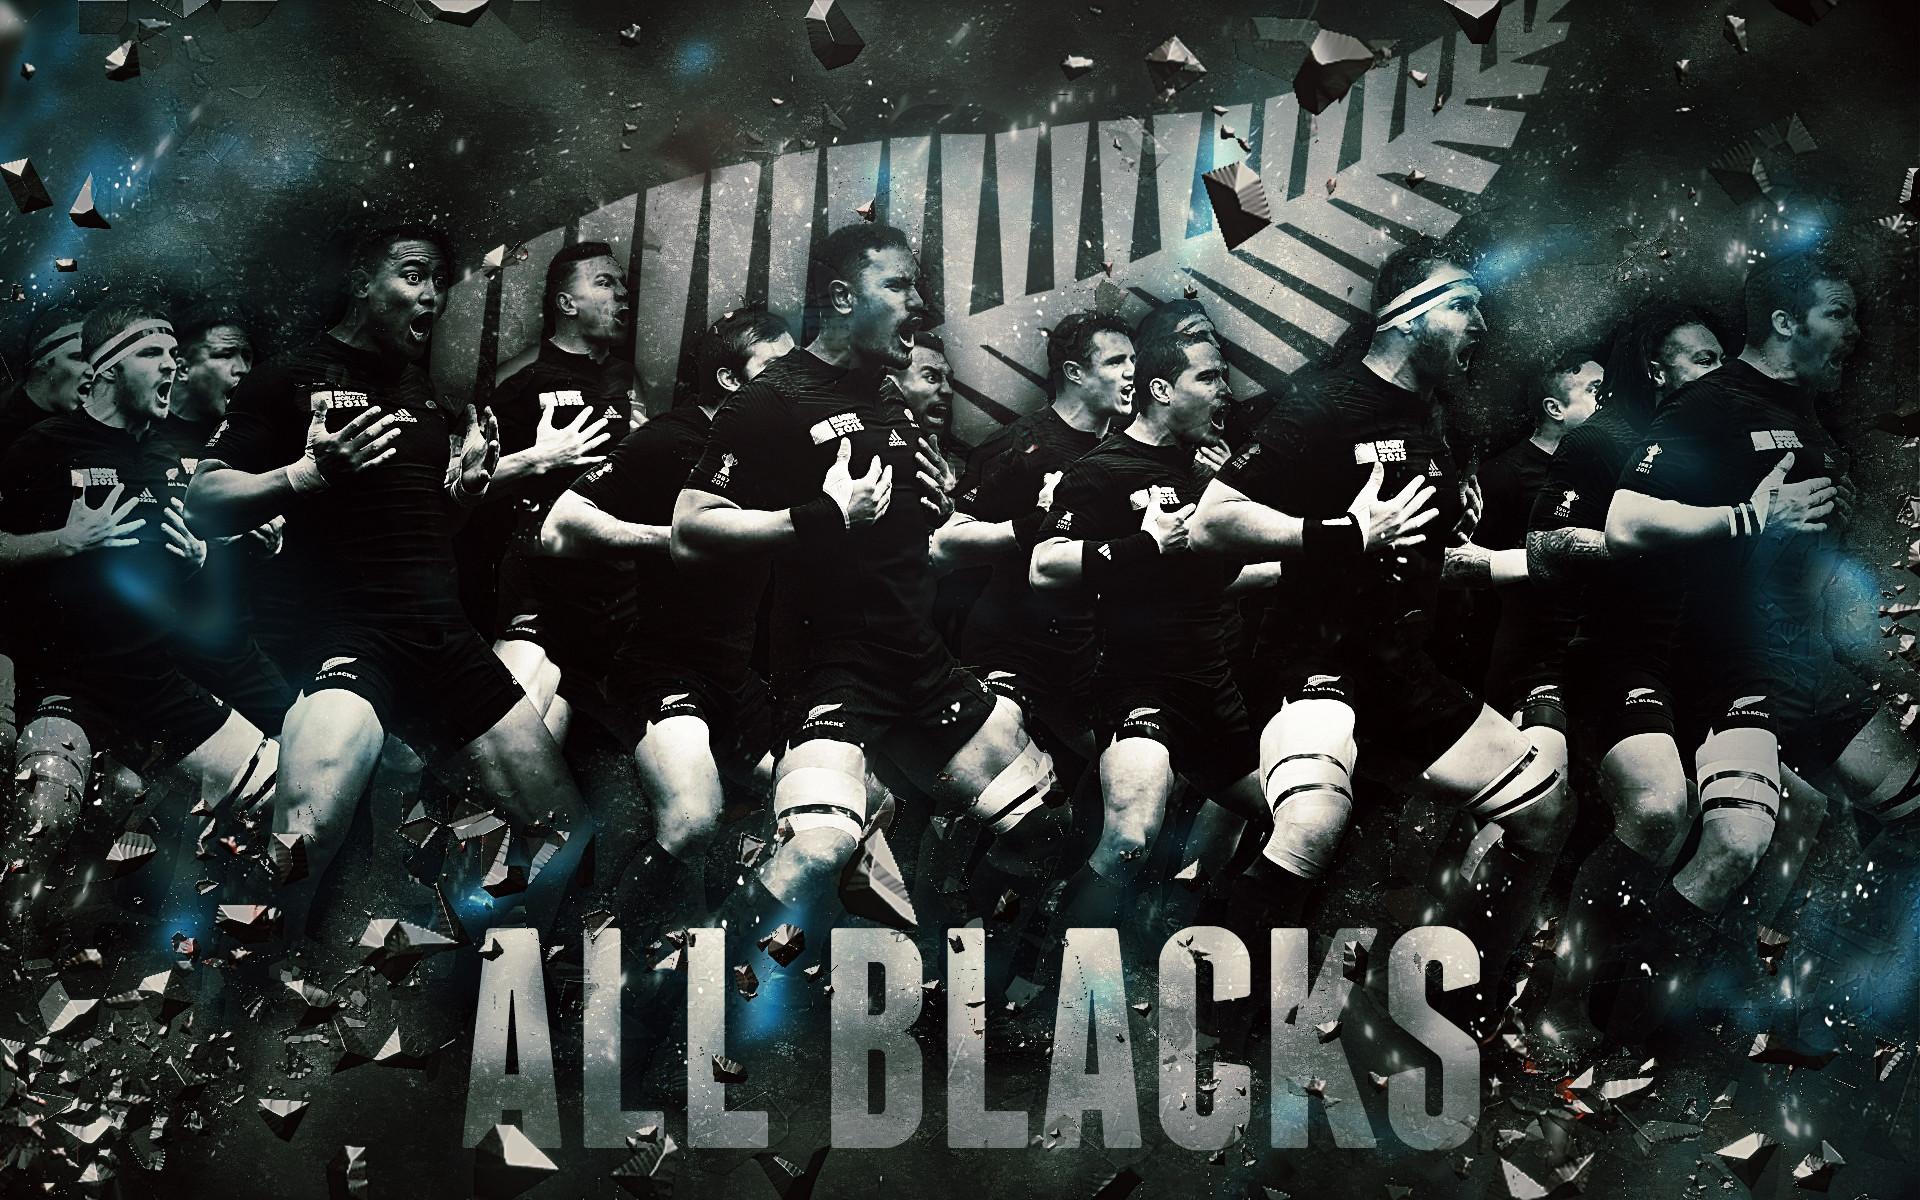 Sonny Bill Williams Wallpaper: New Zealand All Blacks Wallpaper ·① WallpaperTag